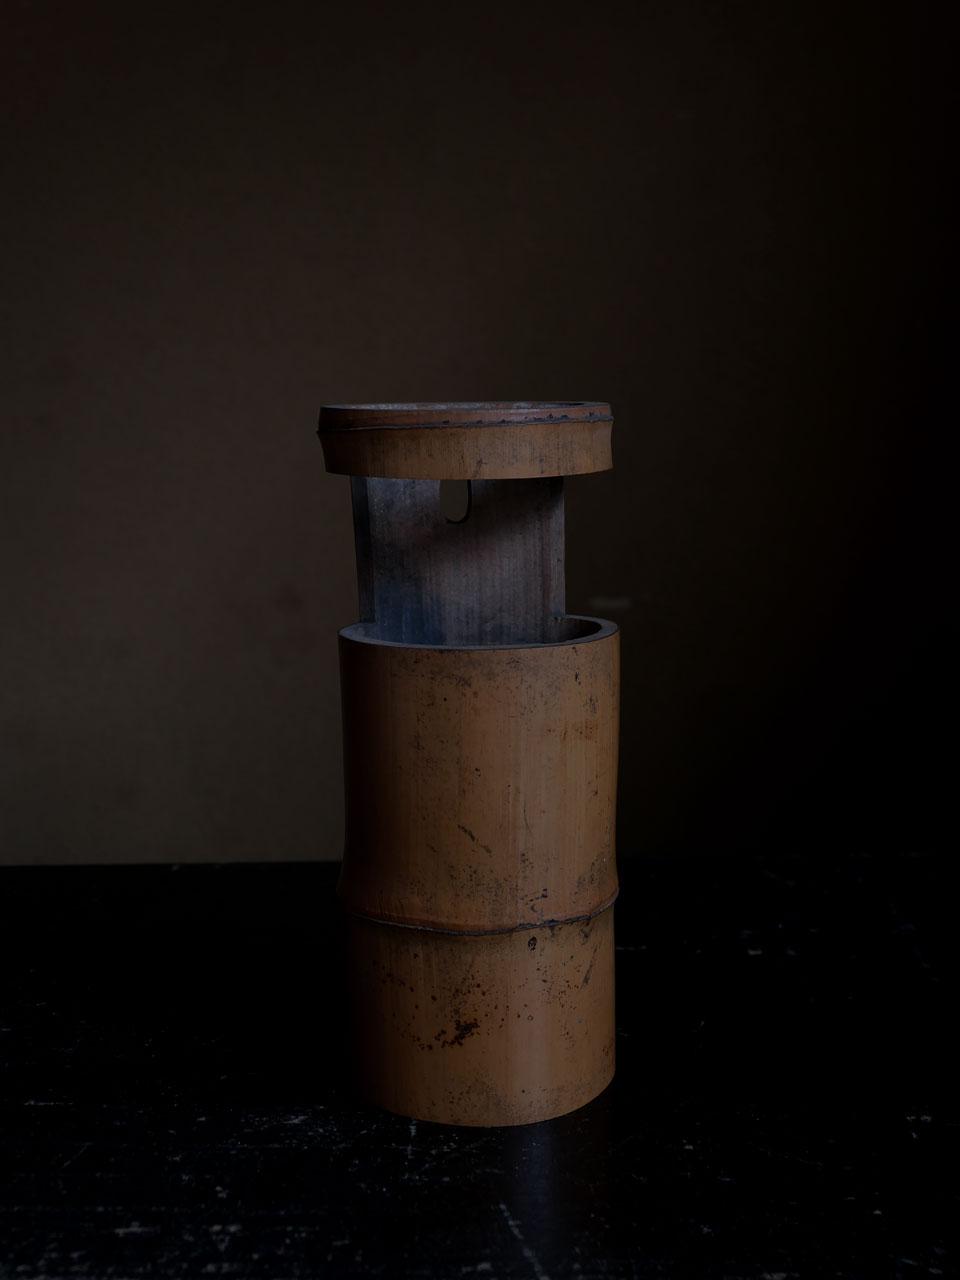 フランス 古道具 アンティーク 写真